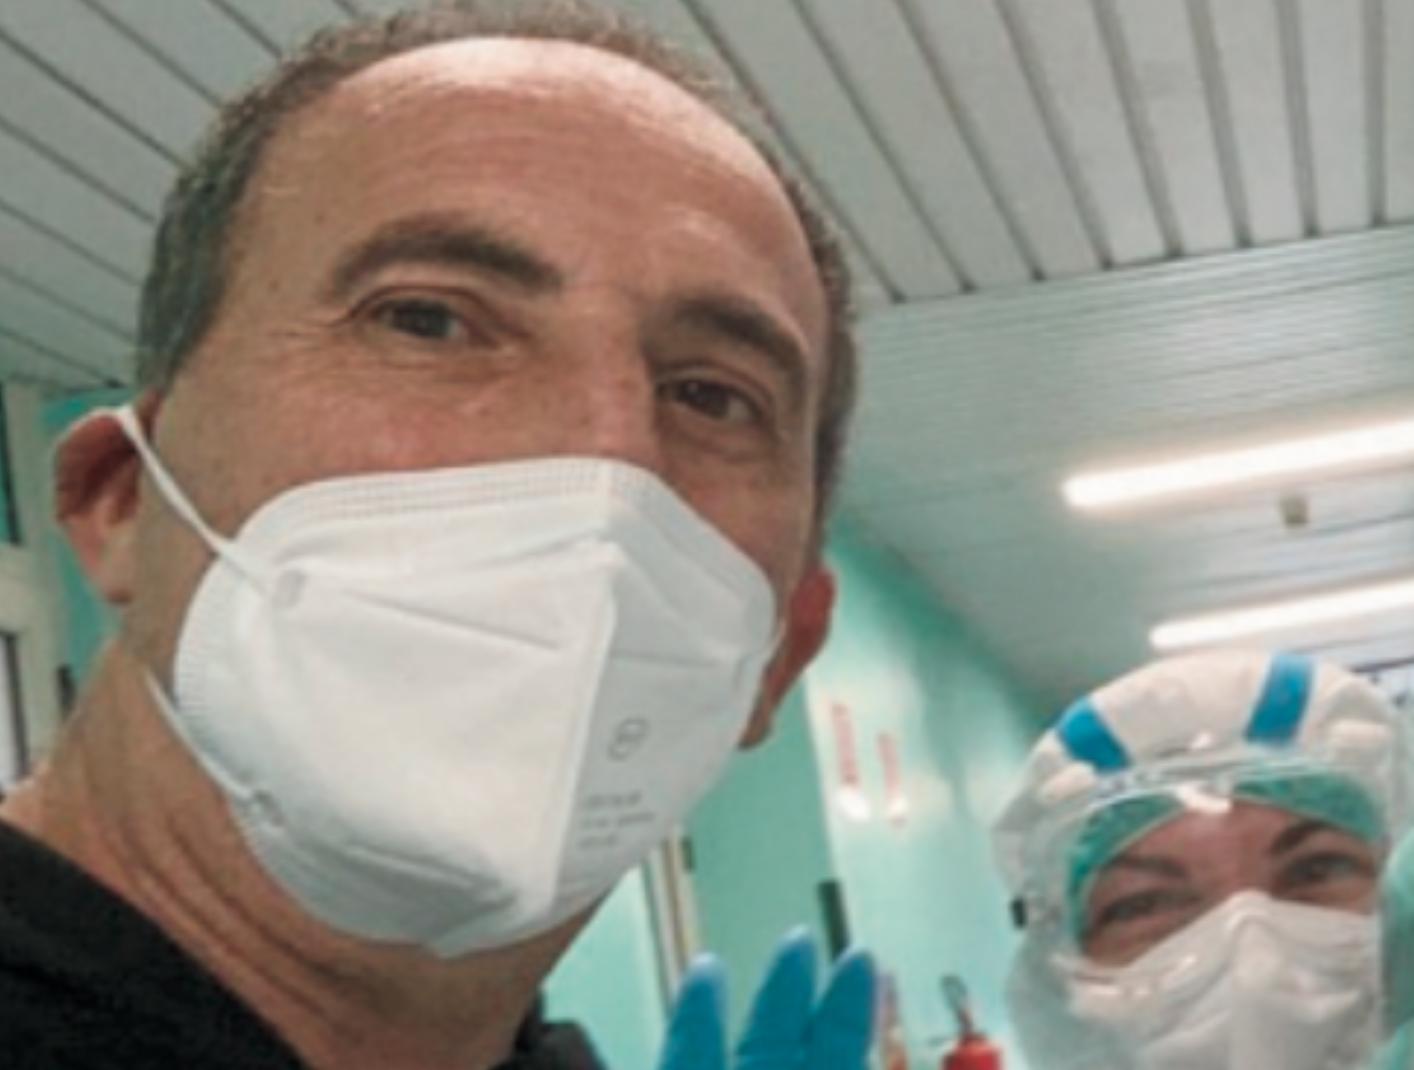 Ragusa, Nello Dipasquale in ospedale in Sardegna contagiato dal covid